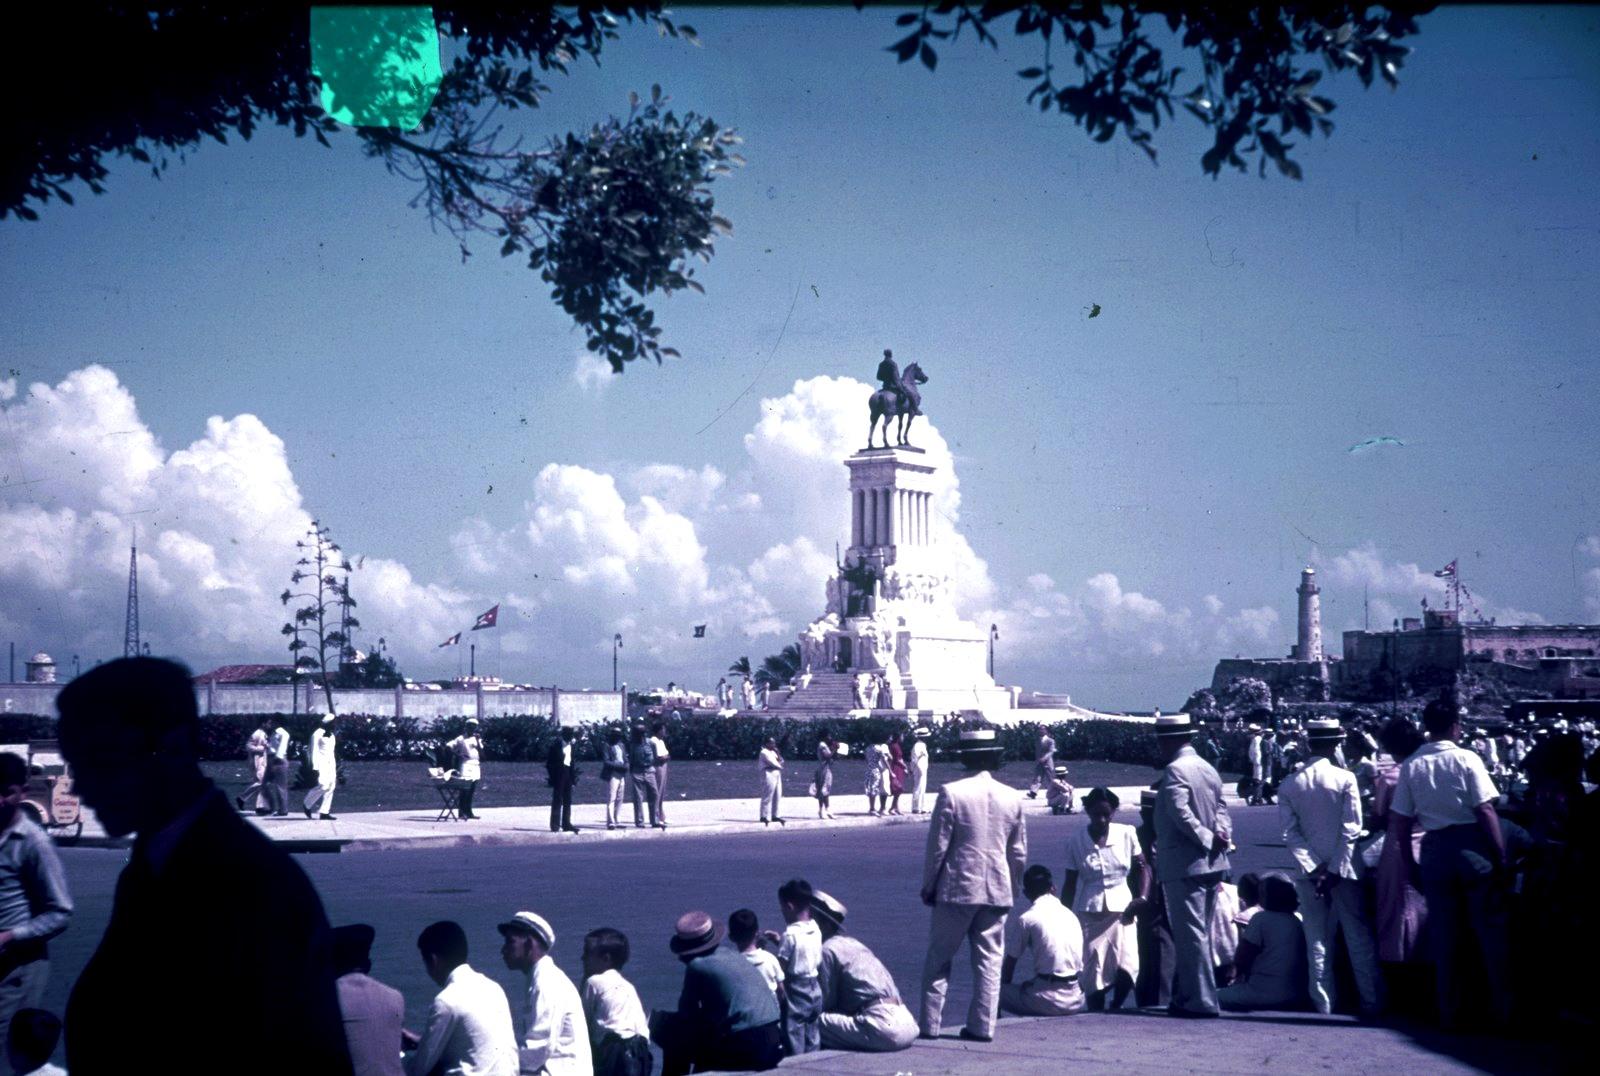 Куба. Гавана, Площадь Хосе Марти. Конная статуя национального героя Кубы Хосе Марти